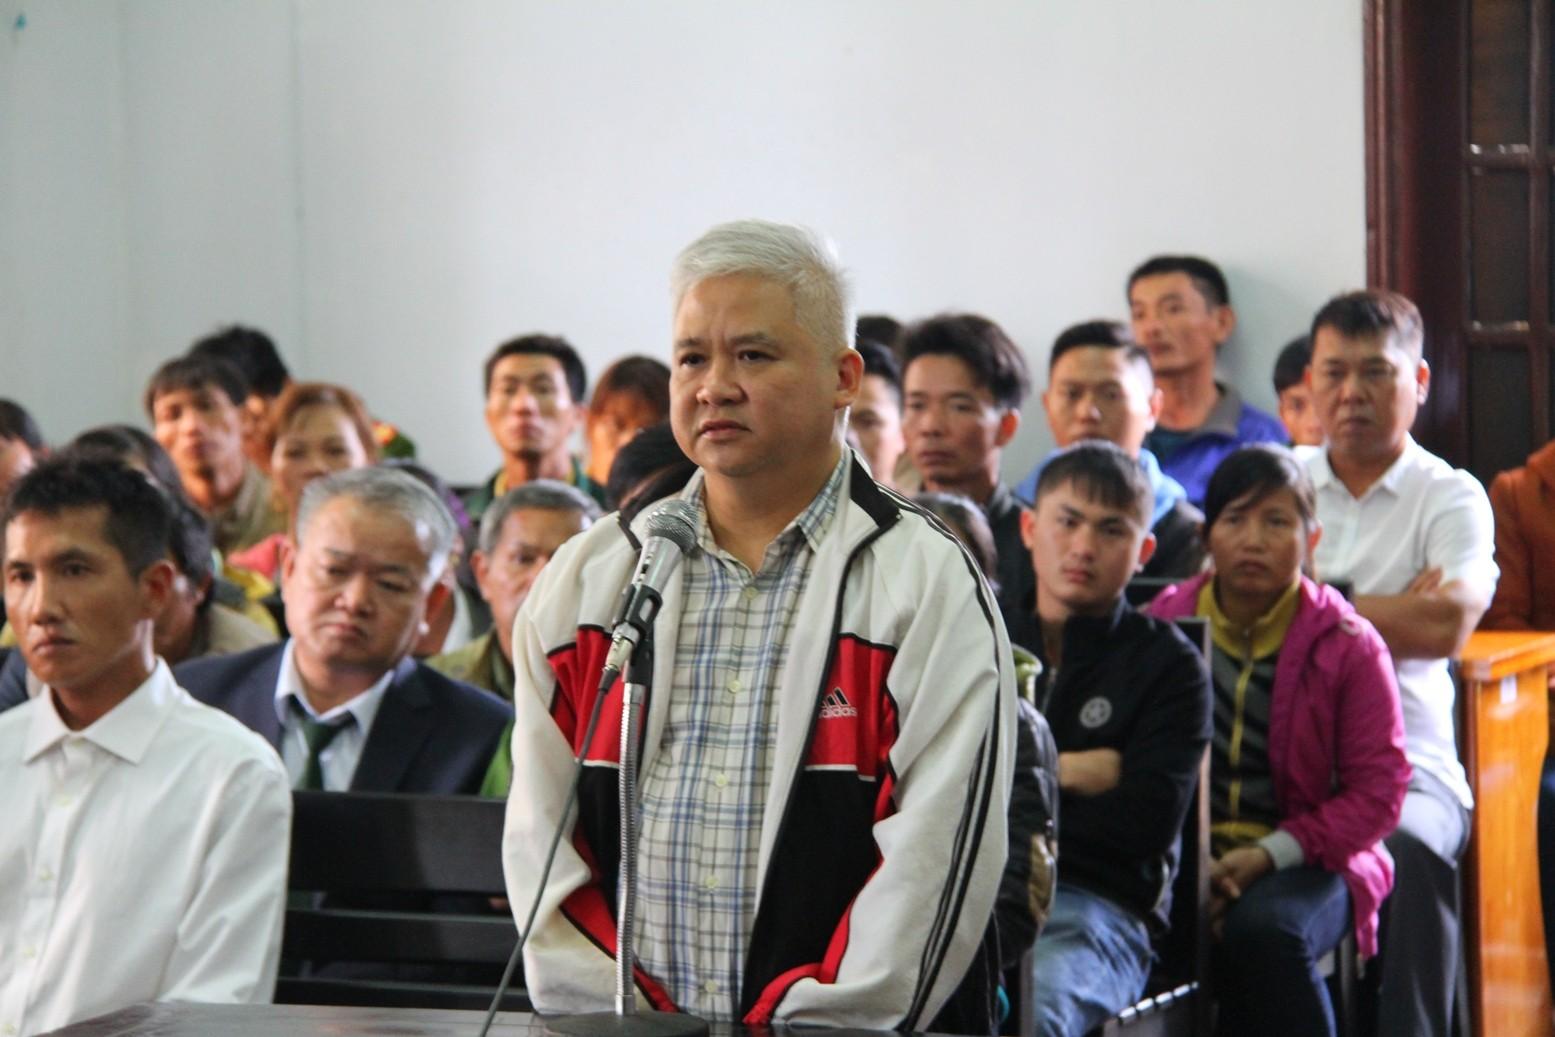 Hồ sơ điều tra - Xét xử vụ xả súng ở Đắk Nông: Đề nghị tử hình Đặng Văn Hiến (Hình 2).